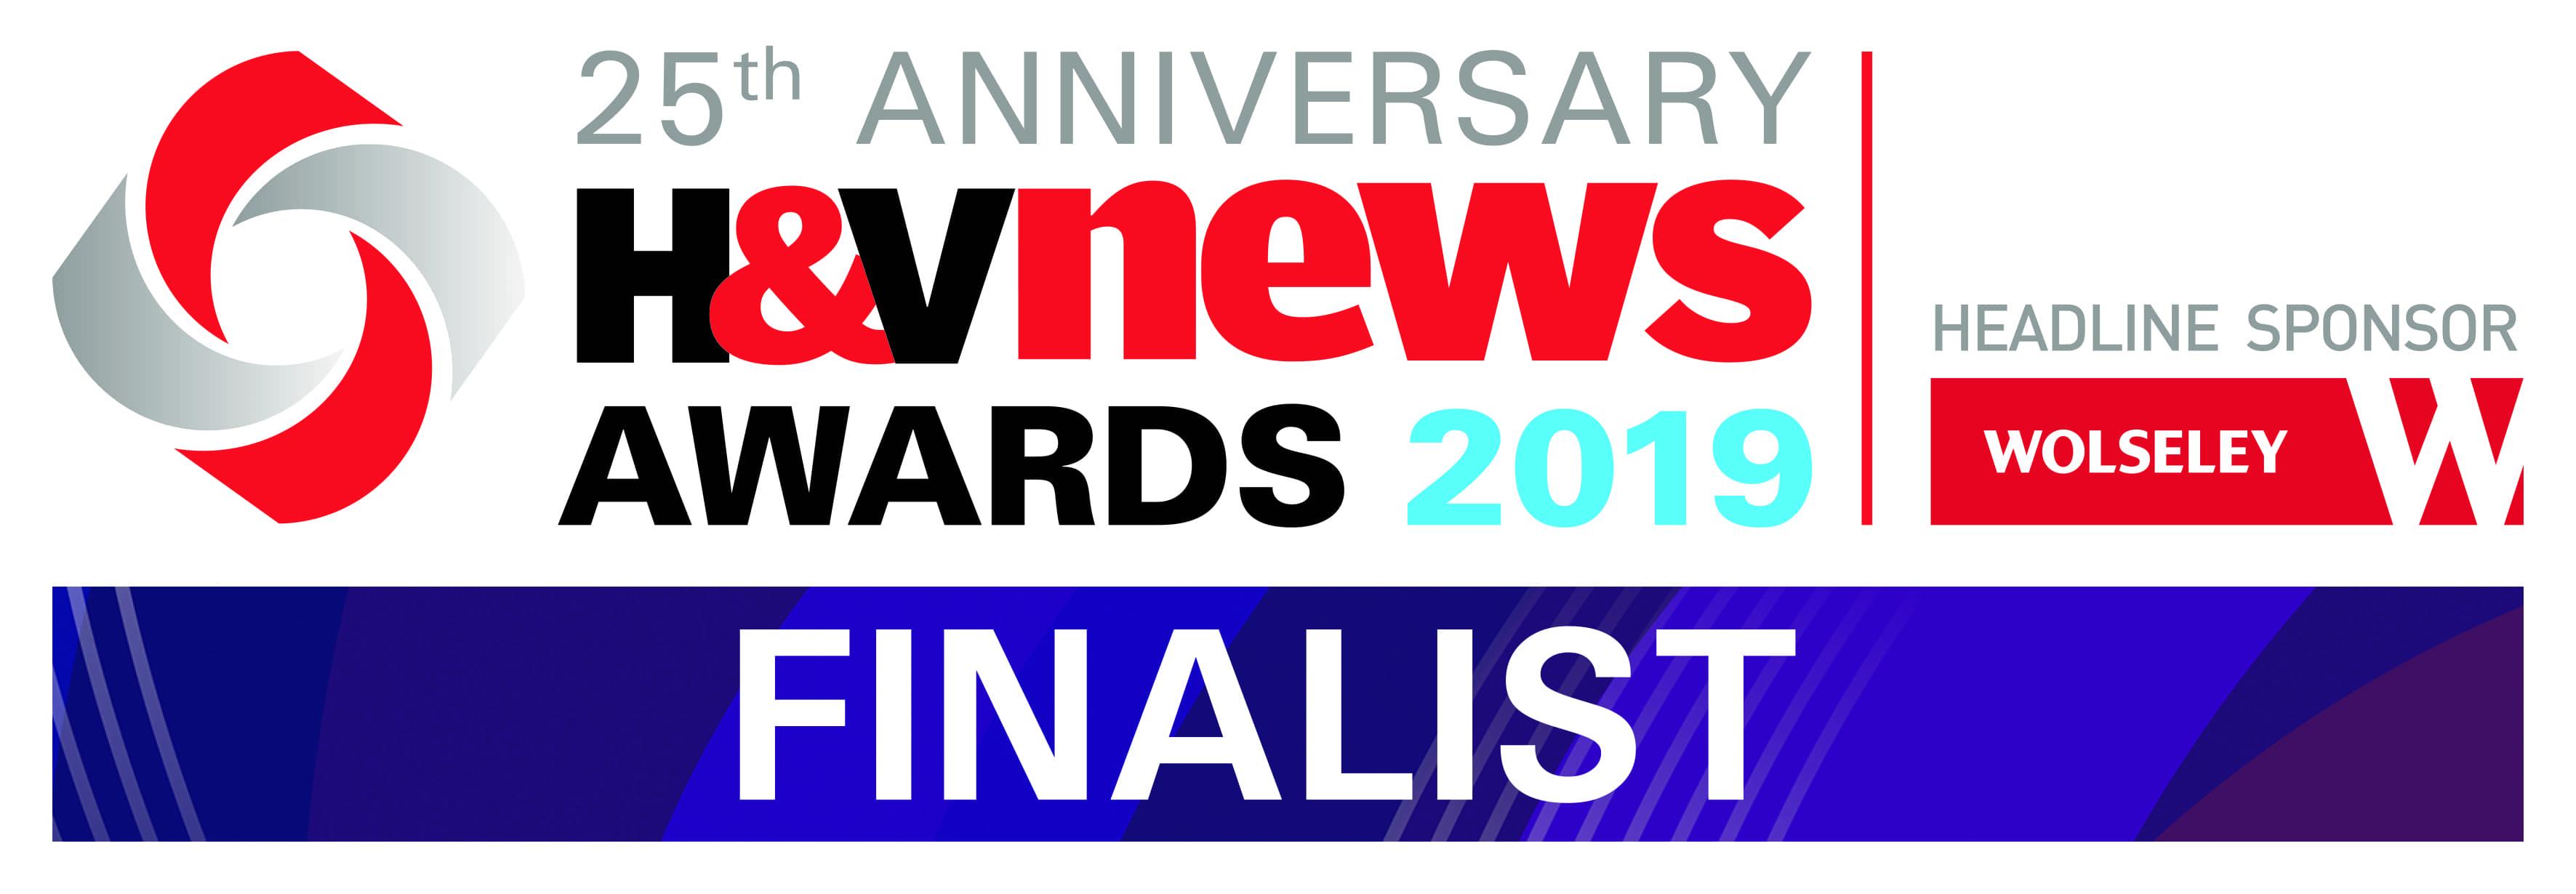 H&V News Awards 2019 Finalist